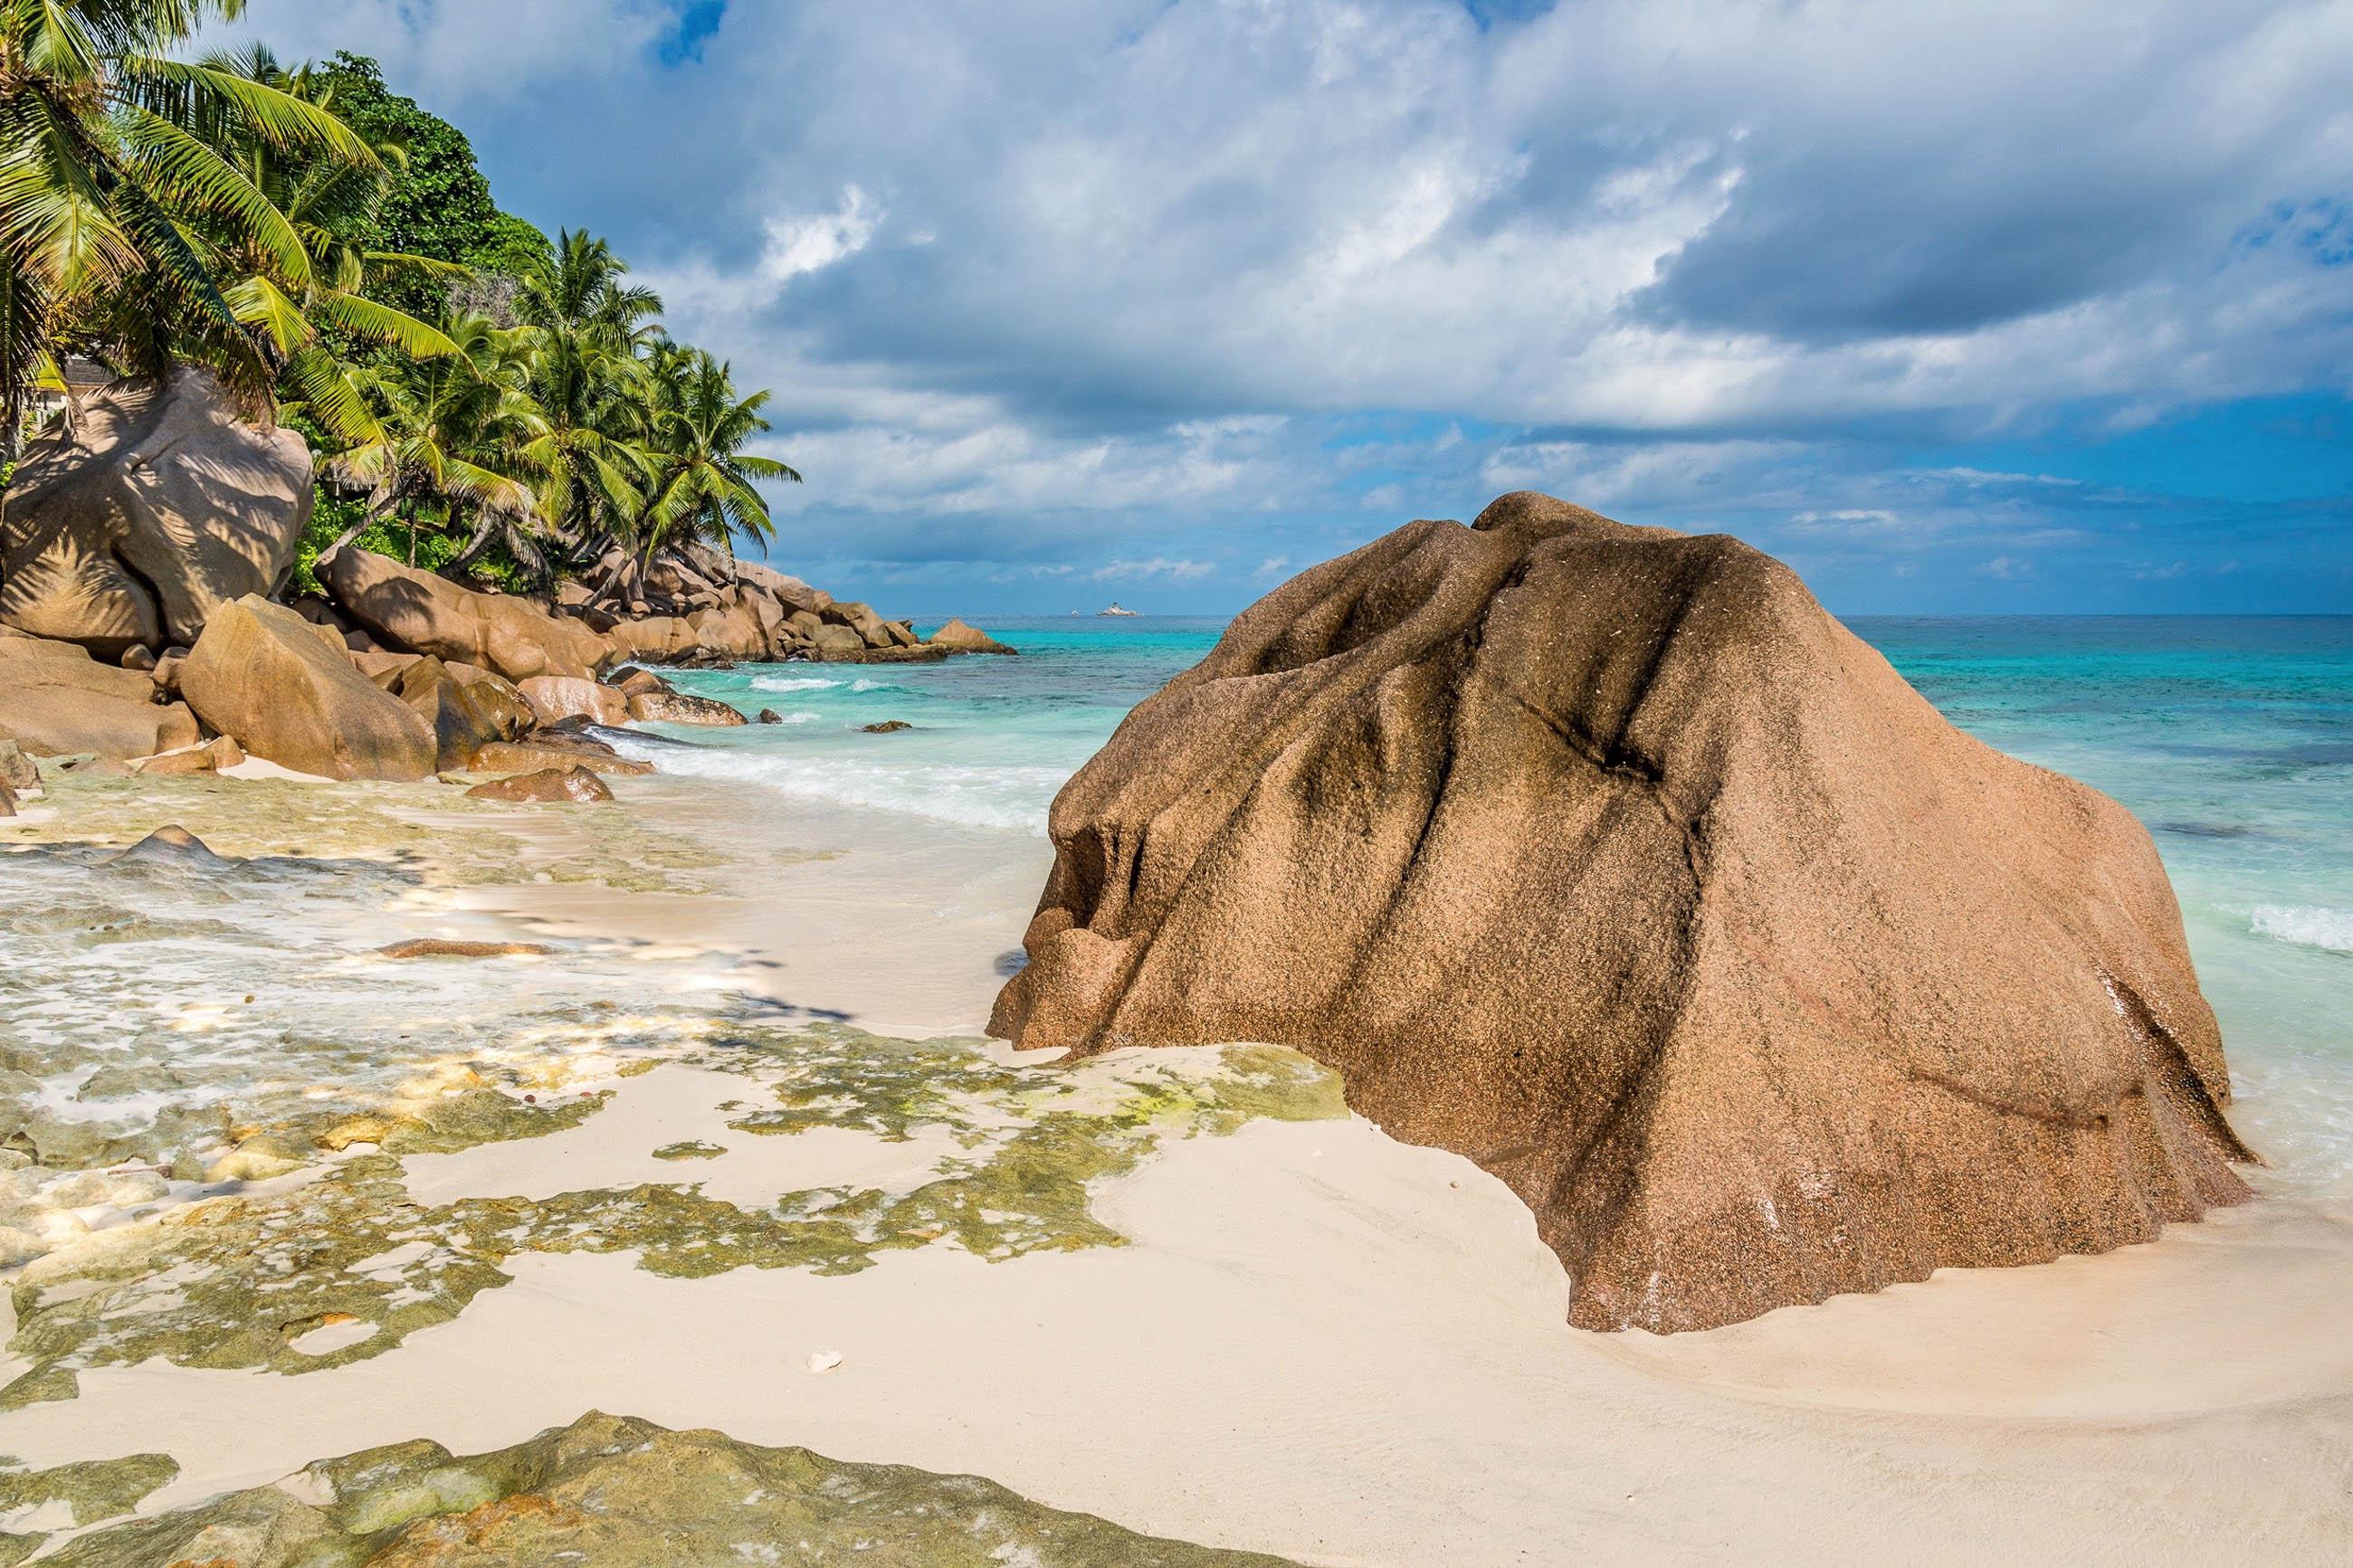 Am nördlichsten Punkt von La Digue, Seychellen, befindet sich der Anse Patates mit puderweichem Sand und traumhafter Korallenlandschaft - © kubais / Shutterstock